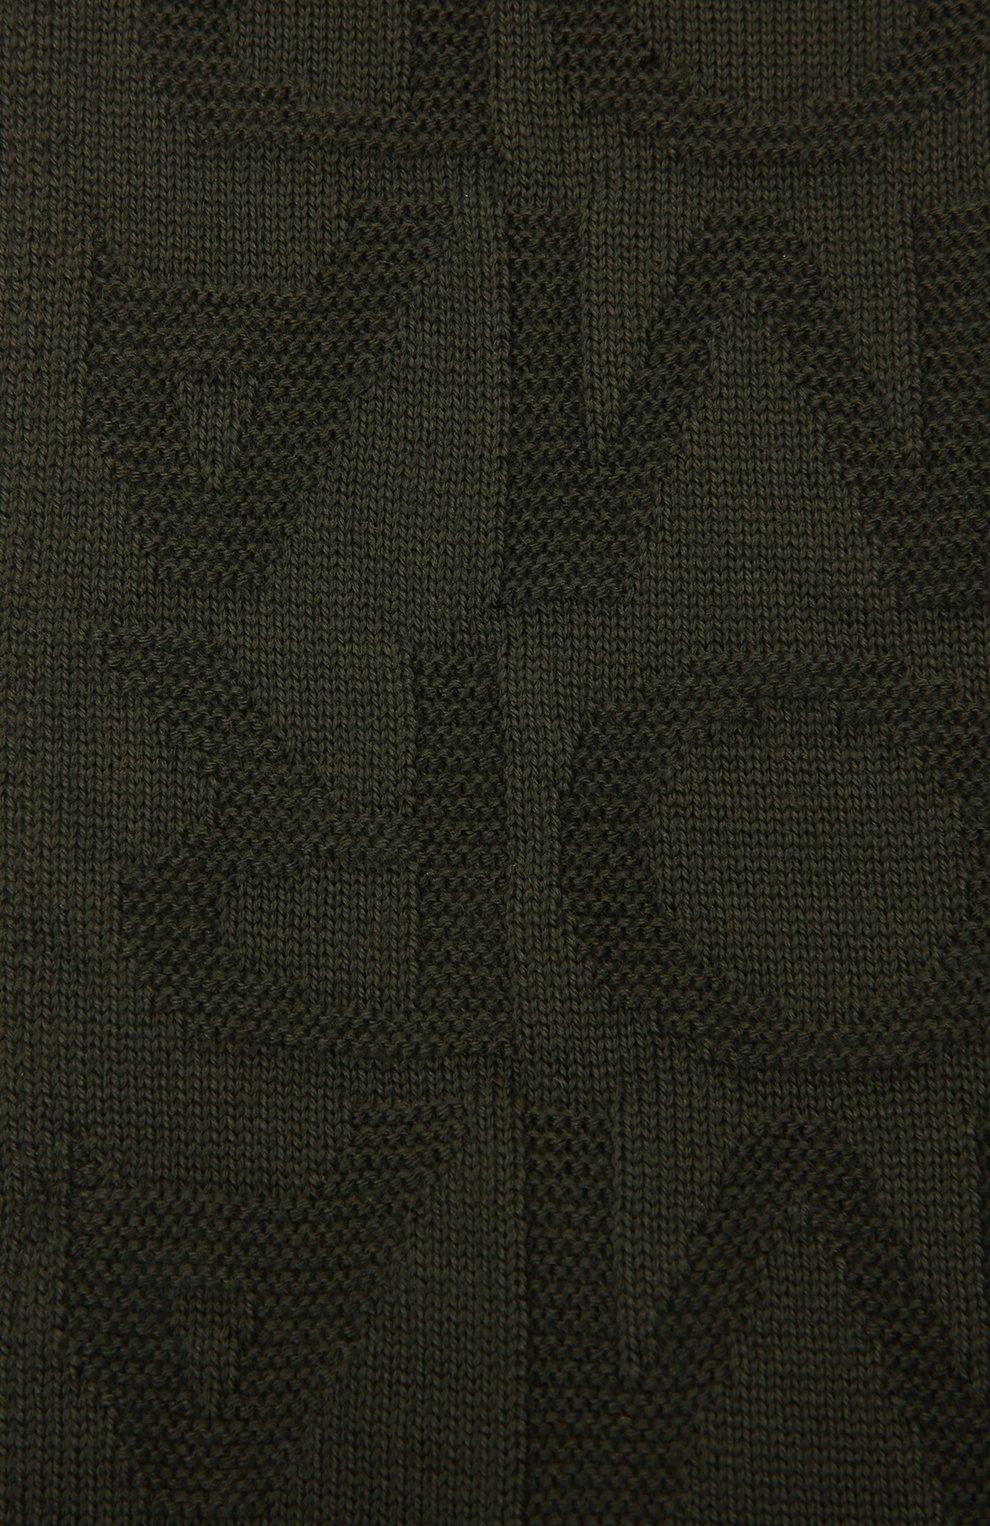 Детский комплект из шапки и шарфа EMPORIO ARMANI хаки цвета, арт. 407512/1A762 | Фото 5 (Материал: Текстиль, Шерсть, Синтетический материал)